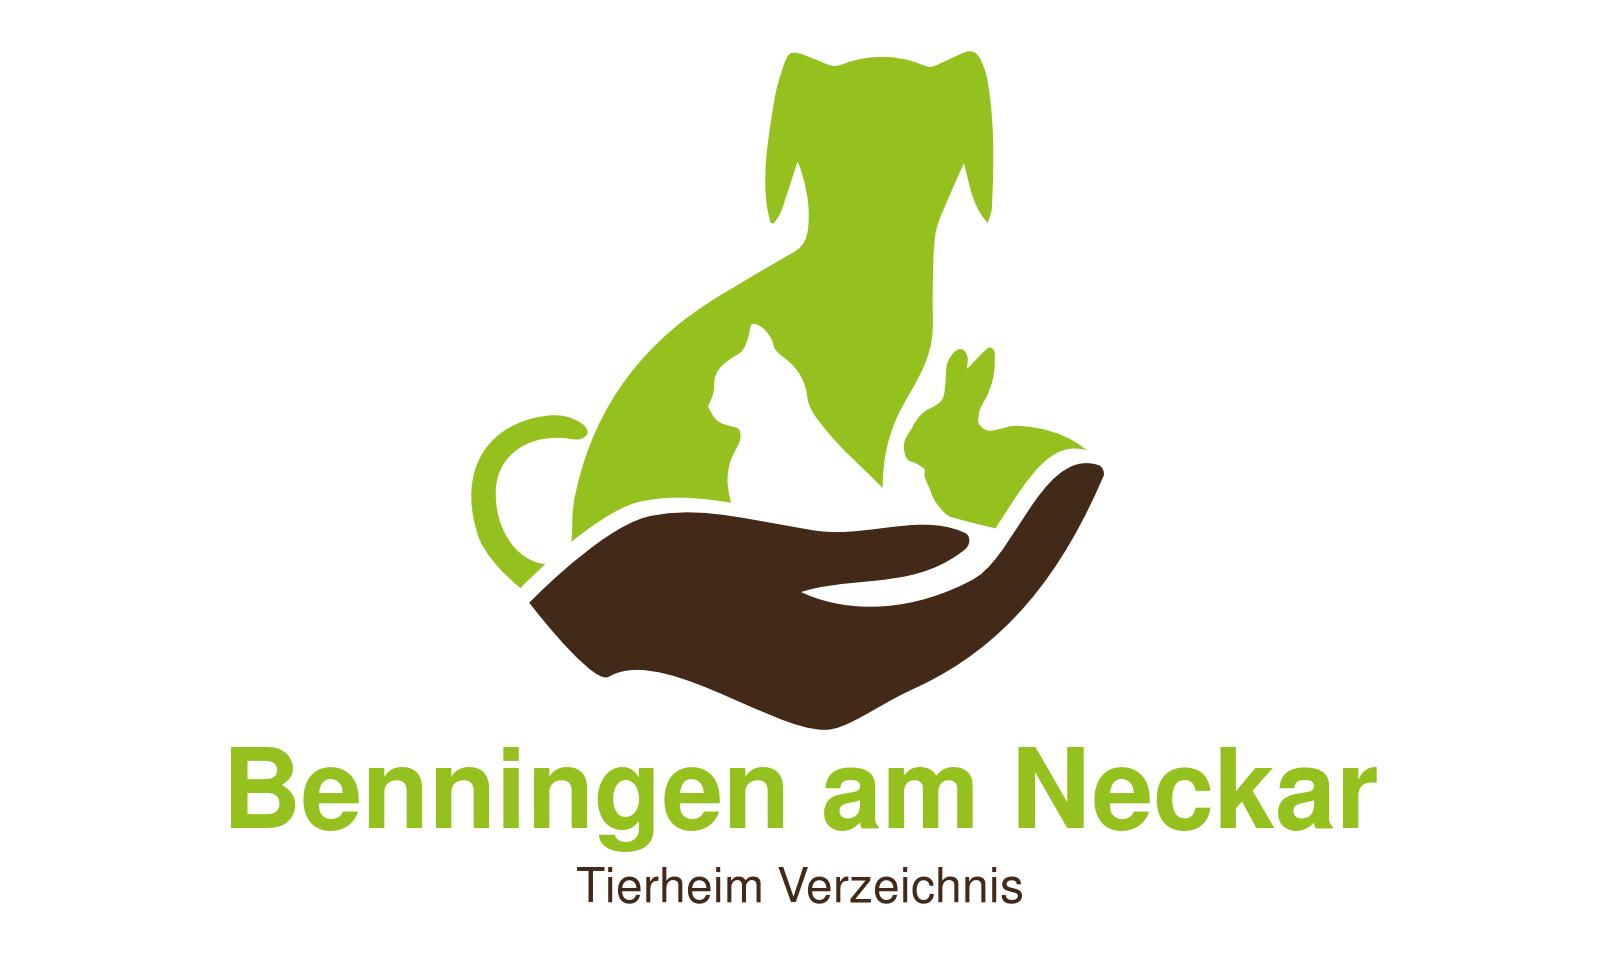 Tierheim Benningen am Neckar